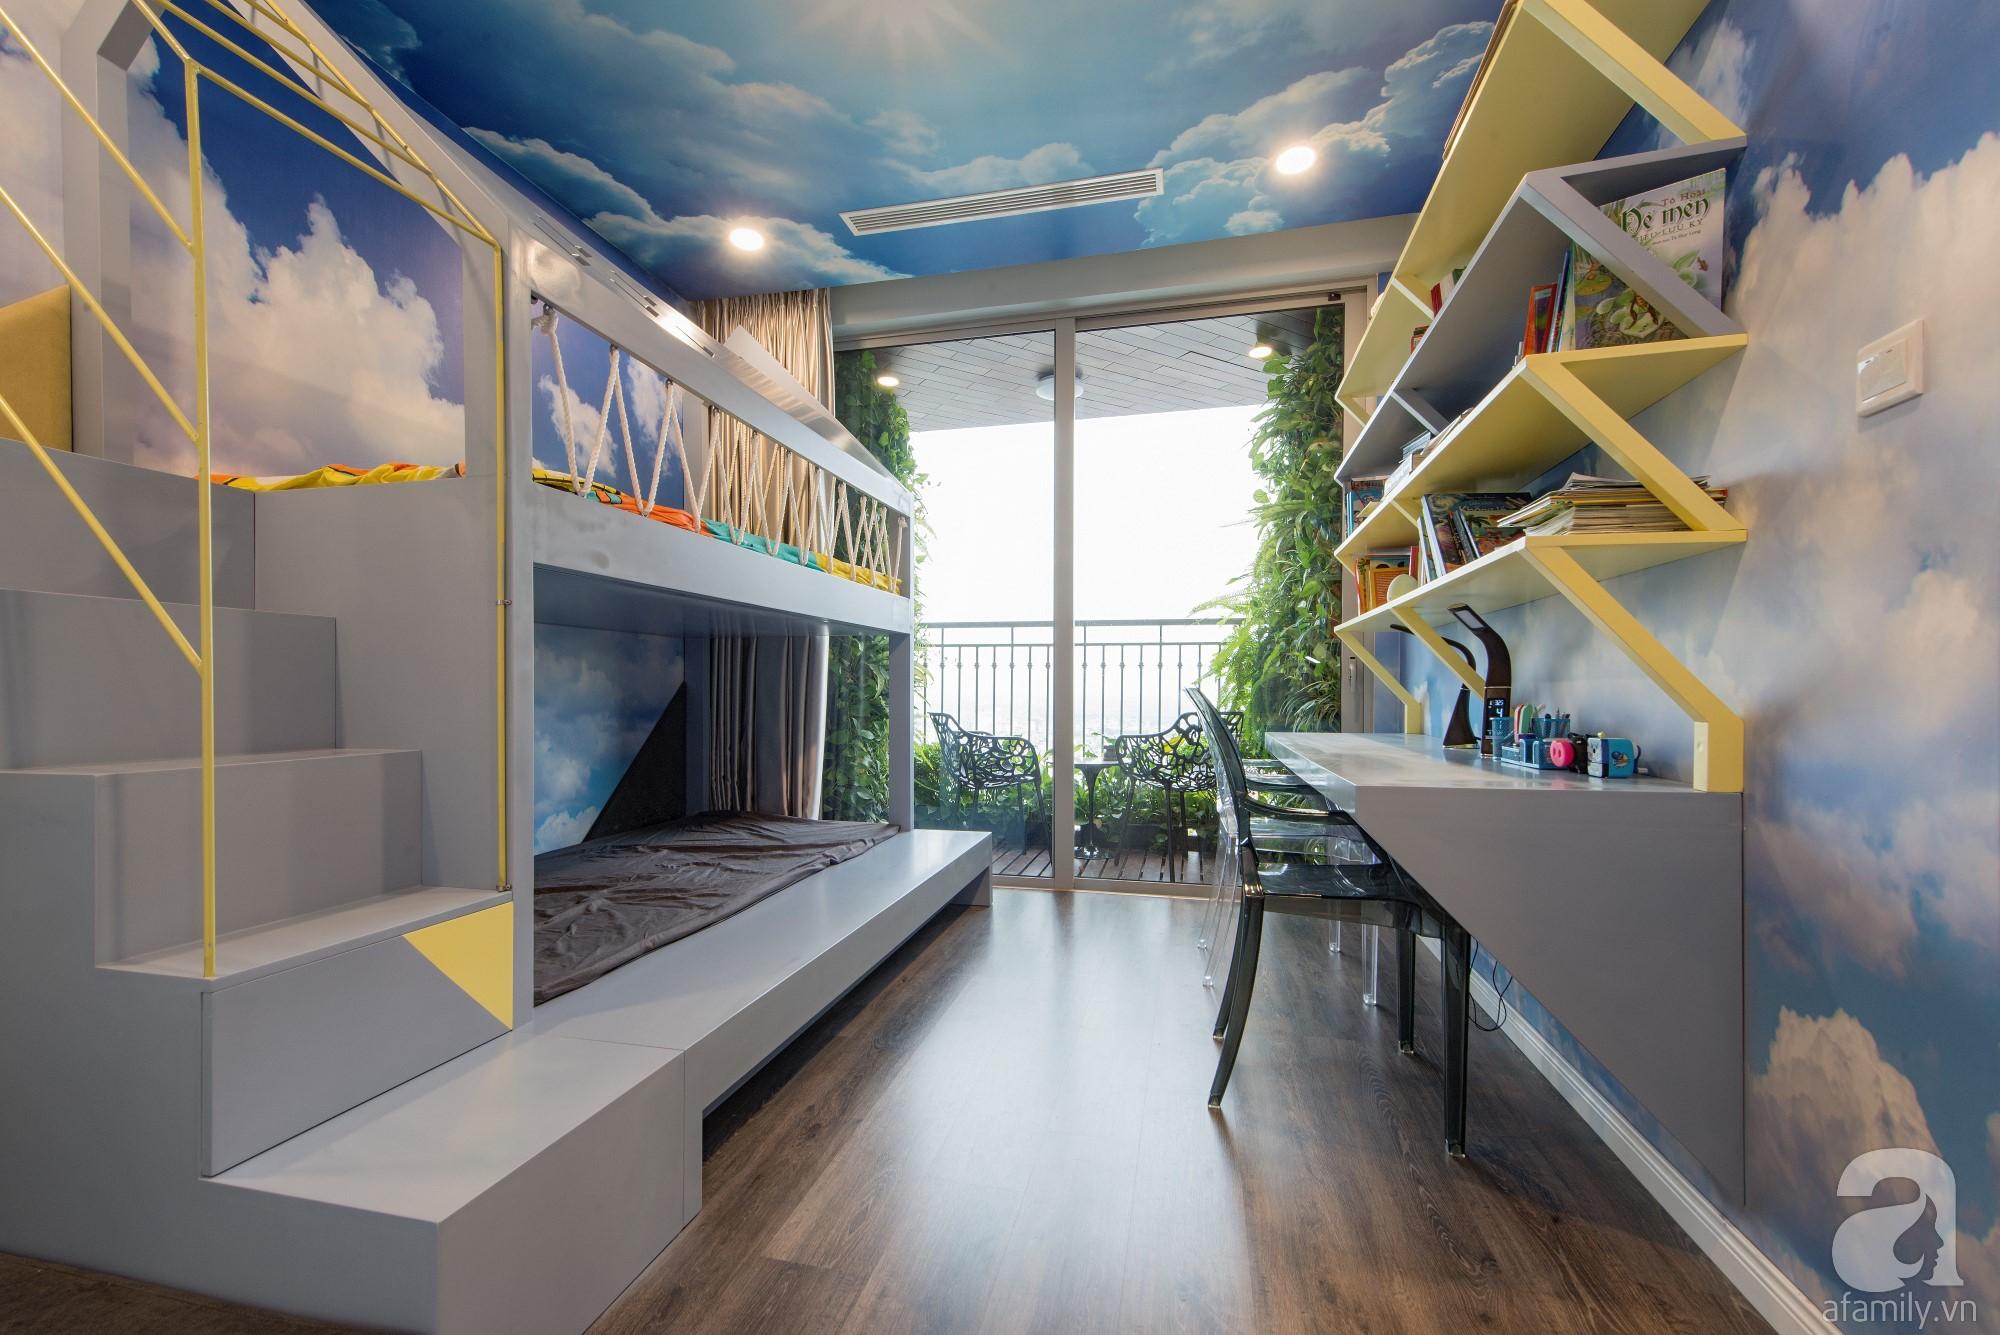 Căn hộ 80m² trên tầng 21 đẹp độc đáo với chi phí cải tạo 780 triệu đồng của chủ nhà yêu cây xanh - Ảnh 17.